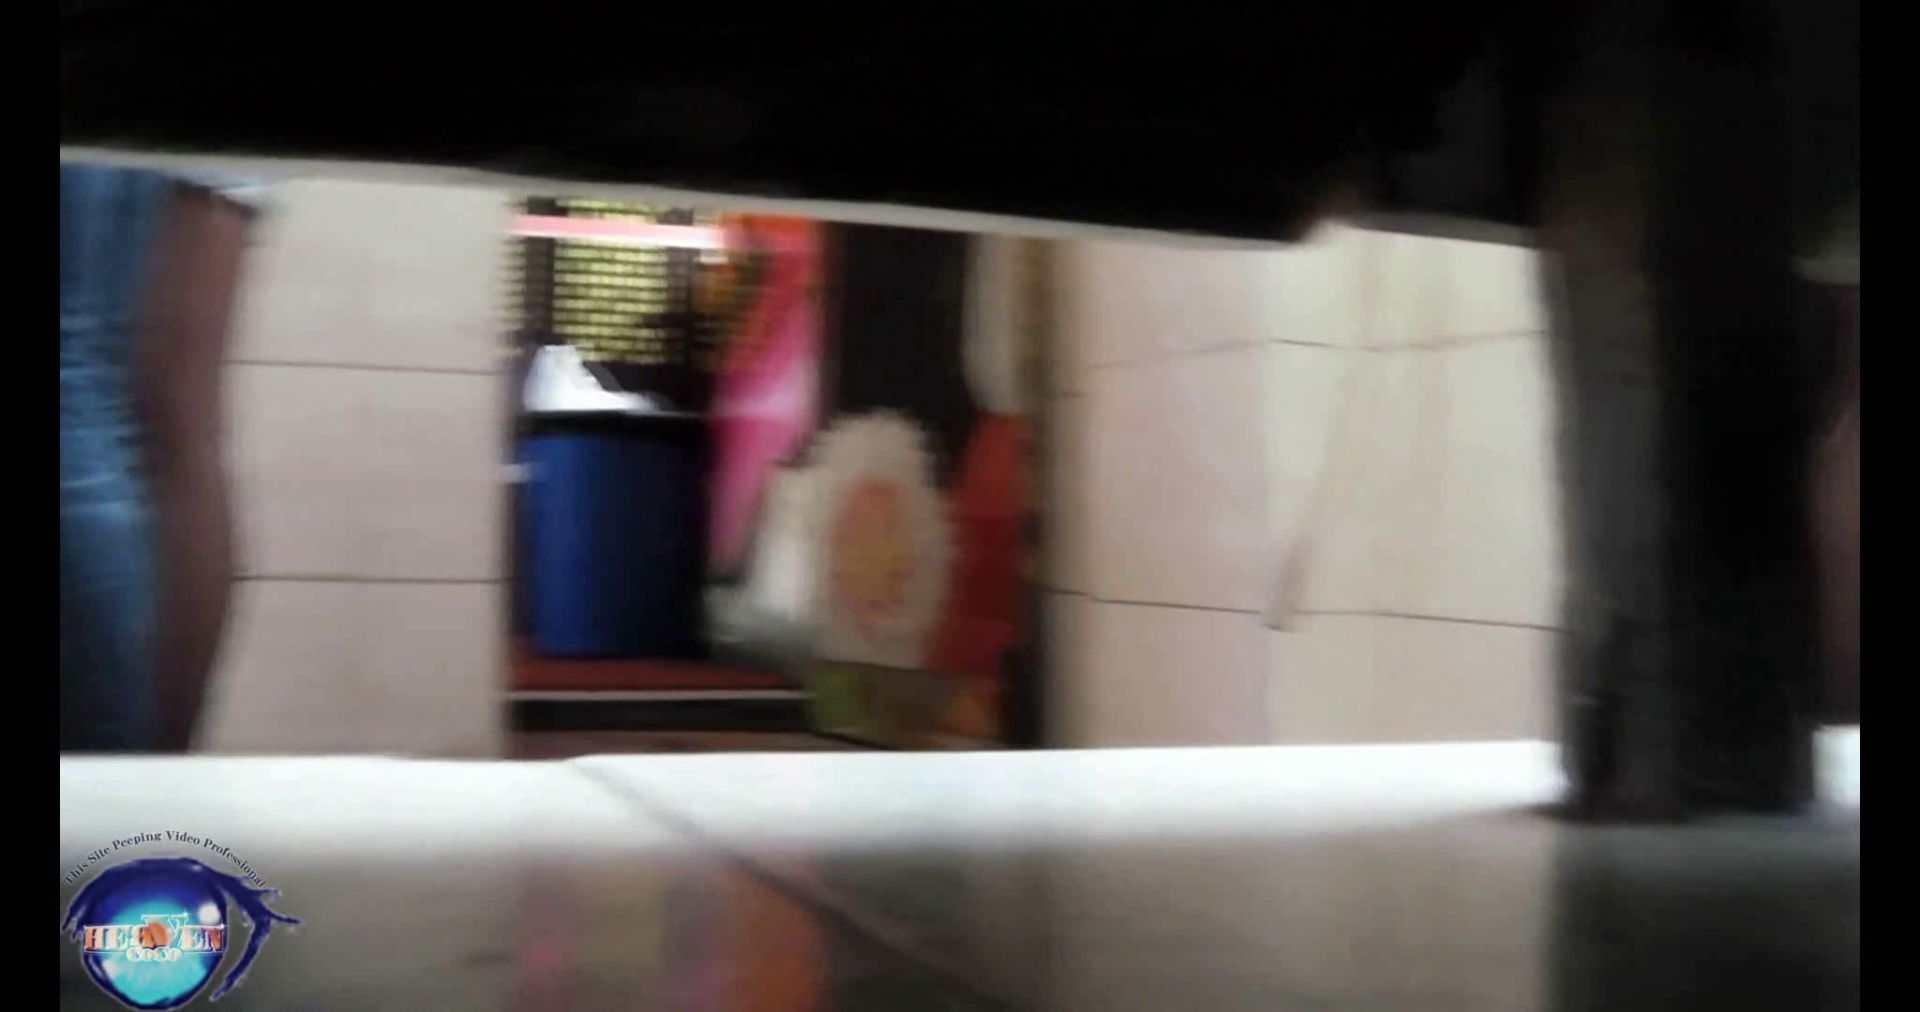 世界の射窓から~ステーション編~vol.34 無料動画のモデルつい本番登場Ⅱやっぱり違います 本番 | OLのエロ生活  96連発 70